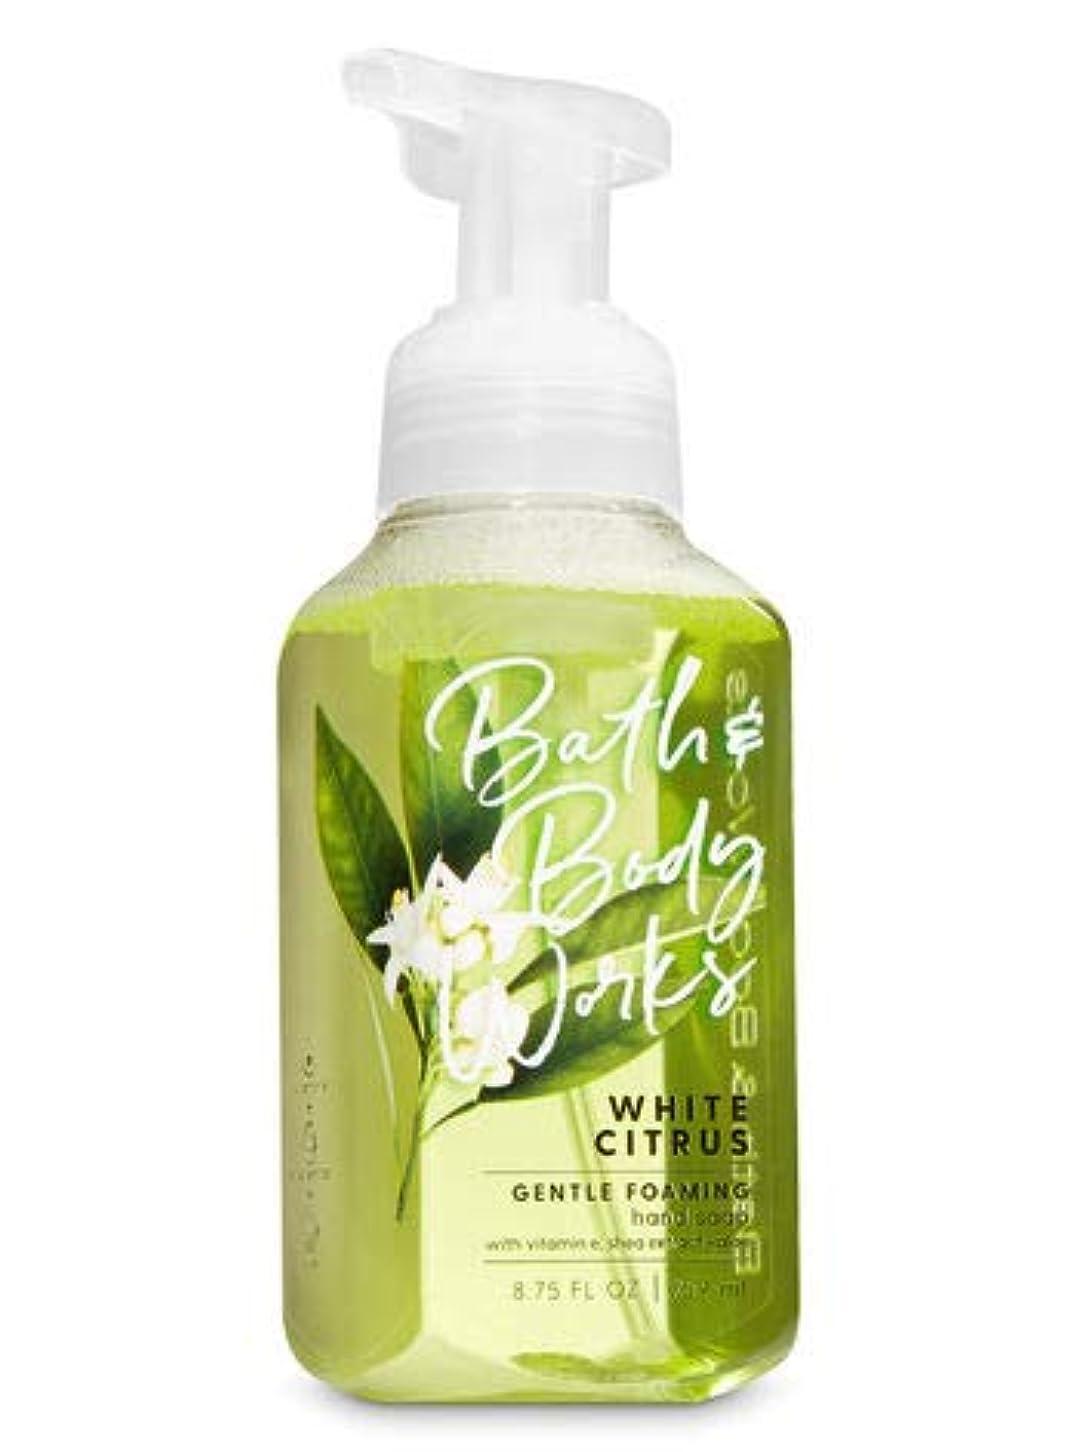 借りる服を着るつばバス&ボディワークス ホワイトシトラス ジェントル フォーミング ハンドソープ White Citrus Gentle Foaming Hand Soap